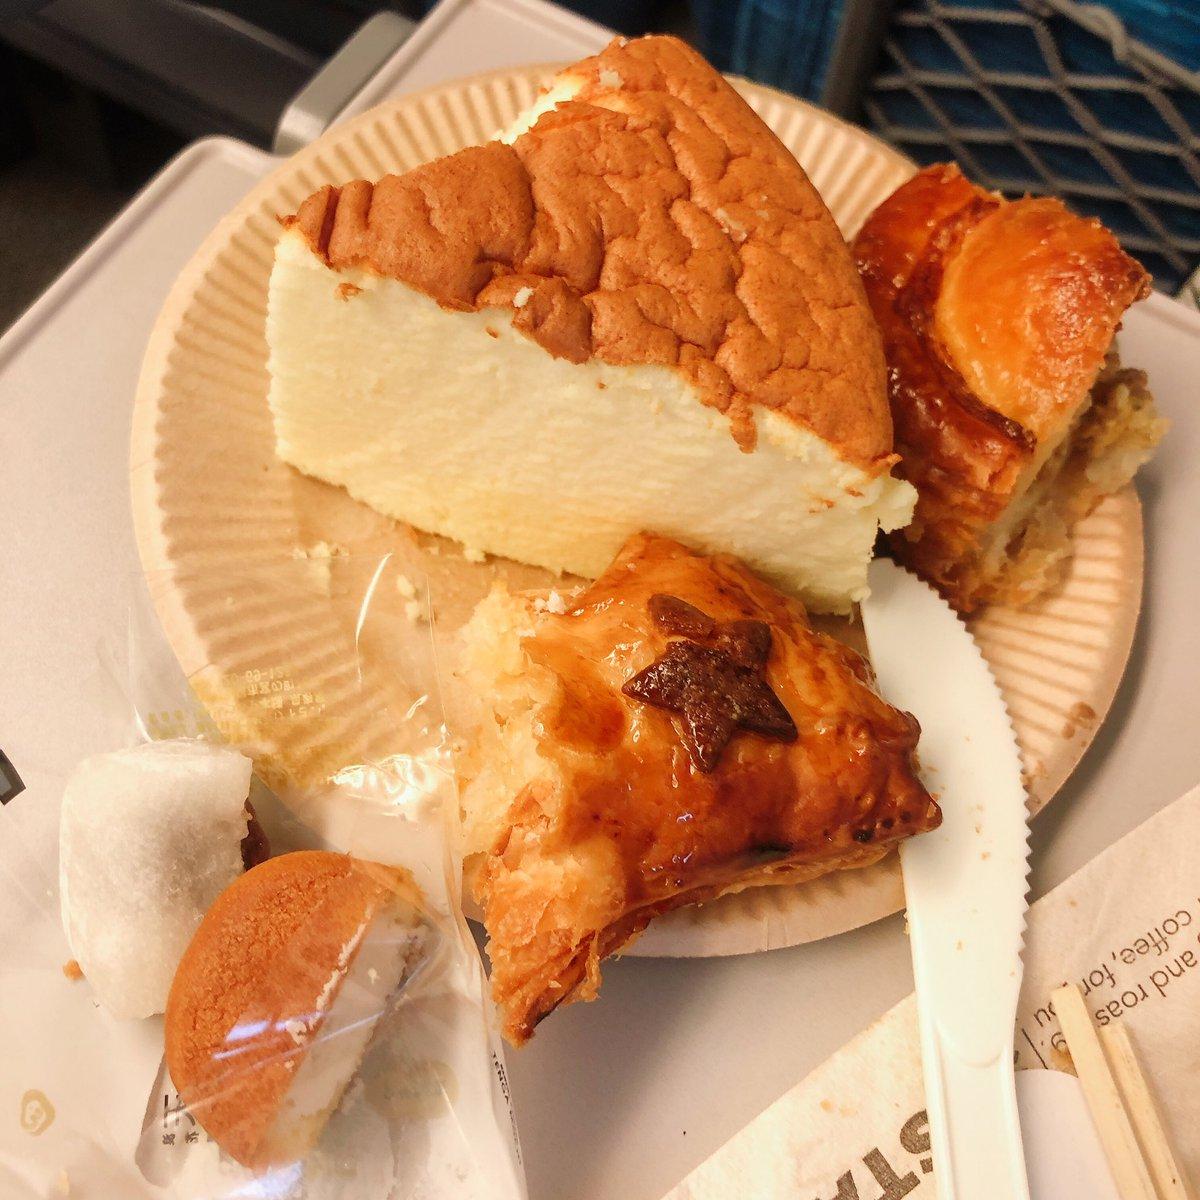 test ツイッターメディア - こだま新幹線長すぎて、車内とは思えないほどよく食べた、、食べすぎた、、ちゃんとすぐに食べれる様にナイフフォークとかつけられるのいい。 大阪土産で、うぐいすボール新しく知って面白いお菓子だった https://t.co/yPnkZvfRNt